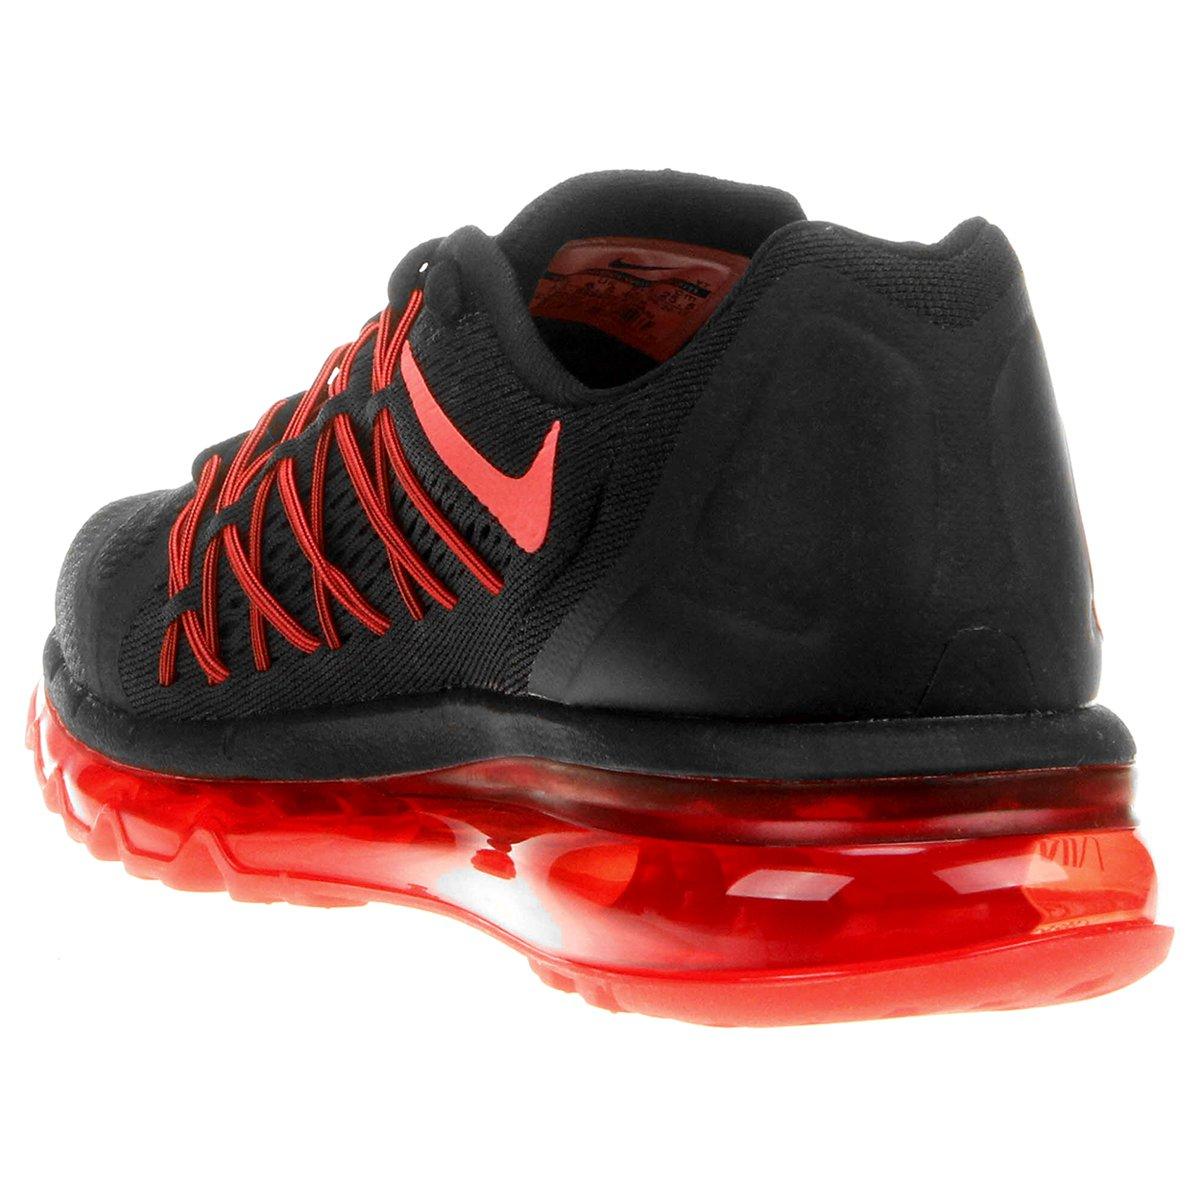 4922b275e52 ... Tênis Nike Air Max 2015 Masculino - Vermelho e Preto ...